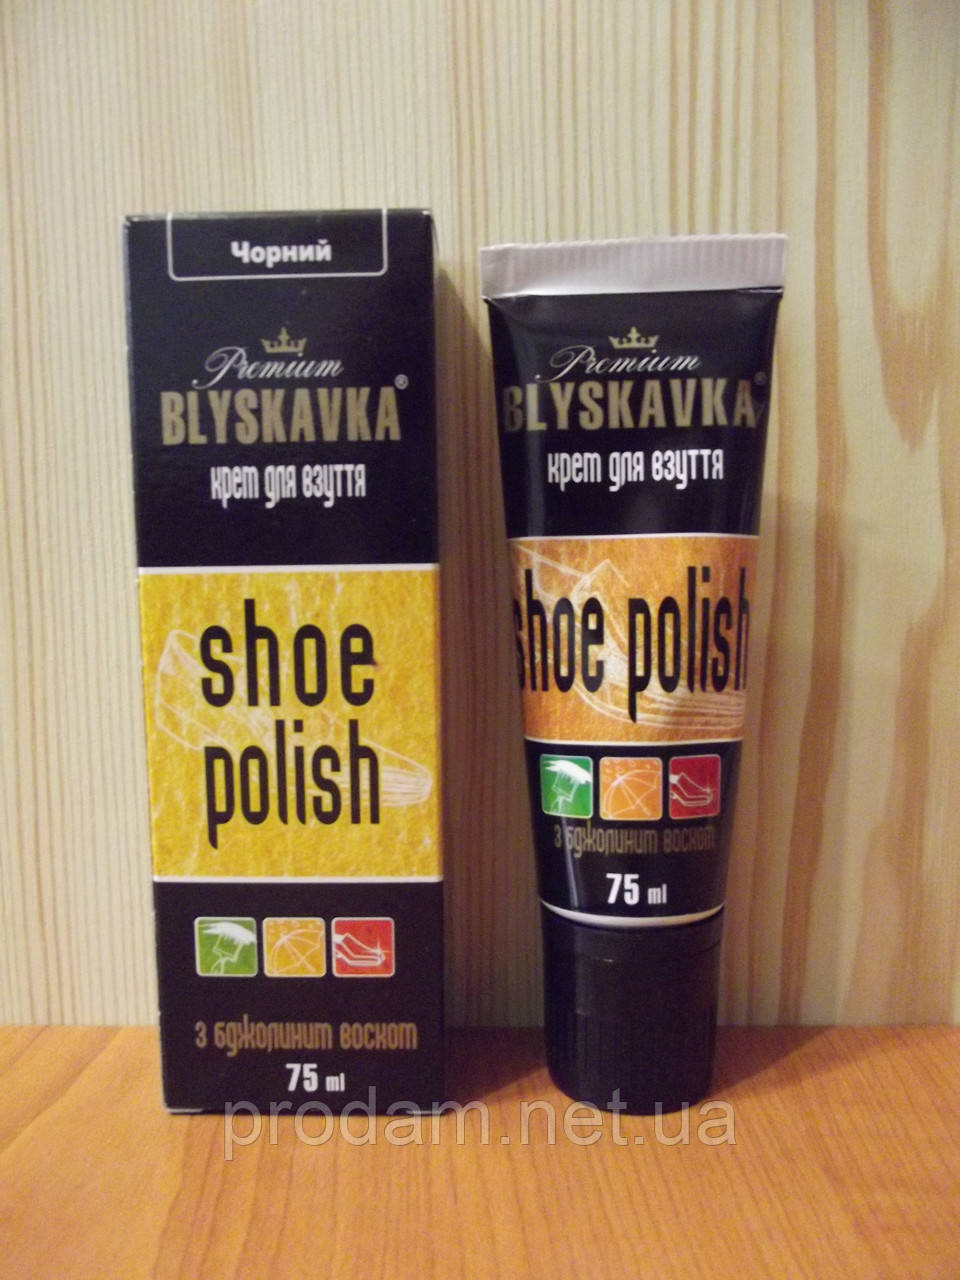 Крем для обуви BLYSKAVKA  75мл чорний